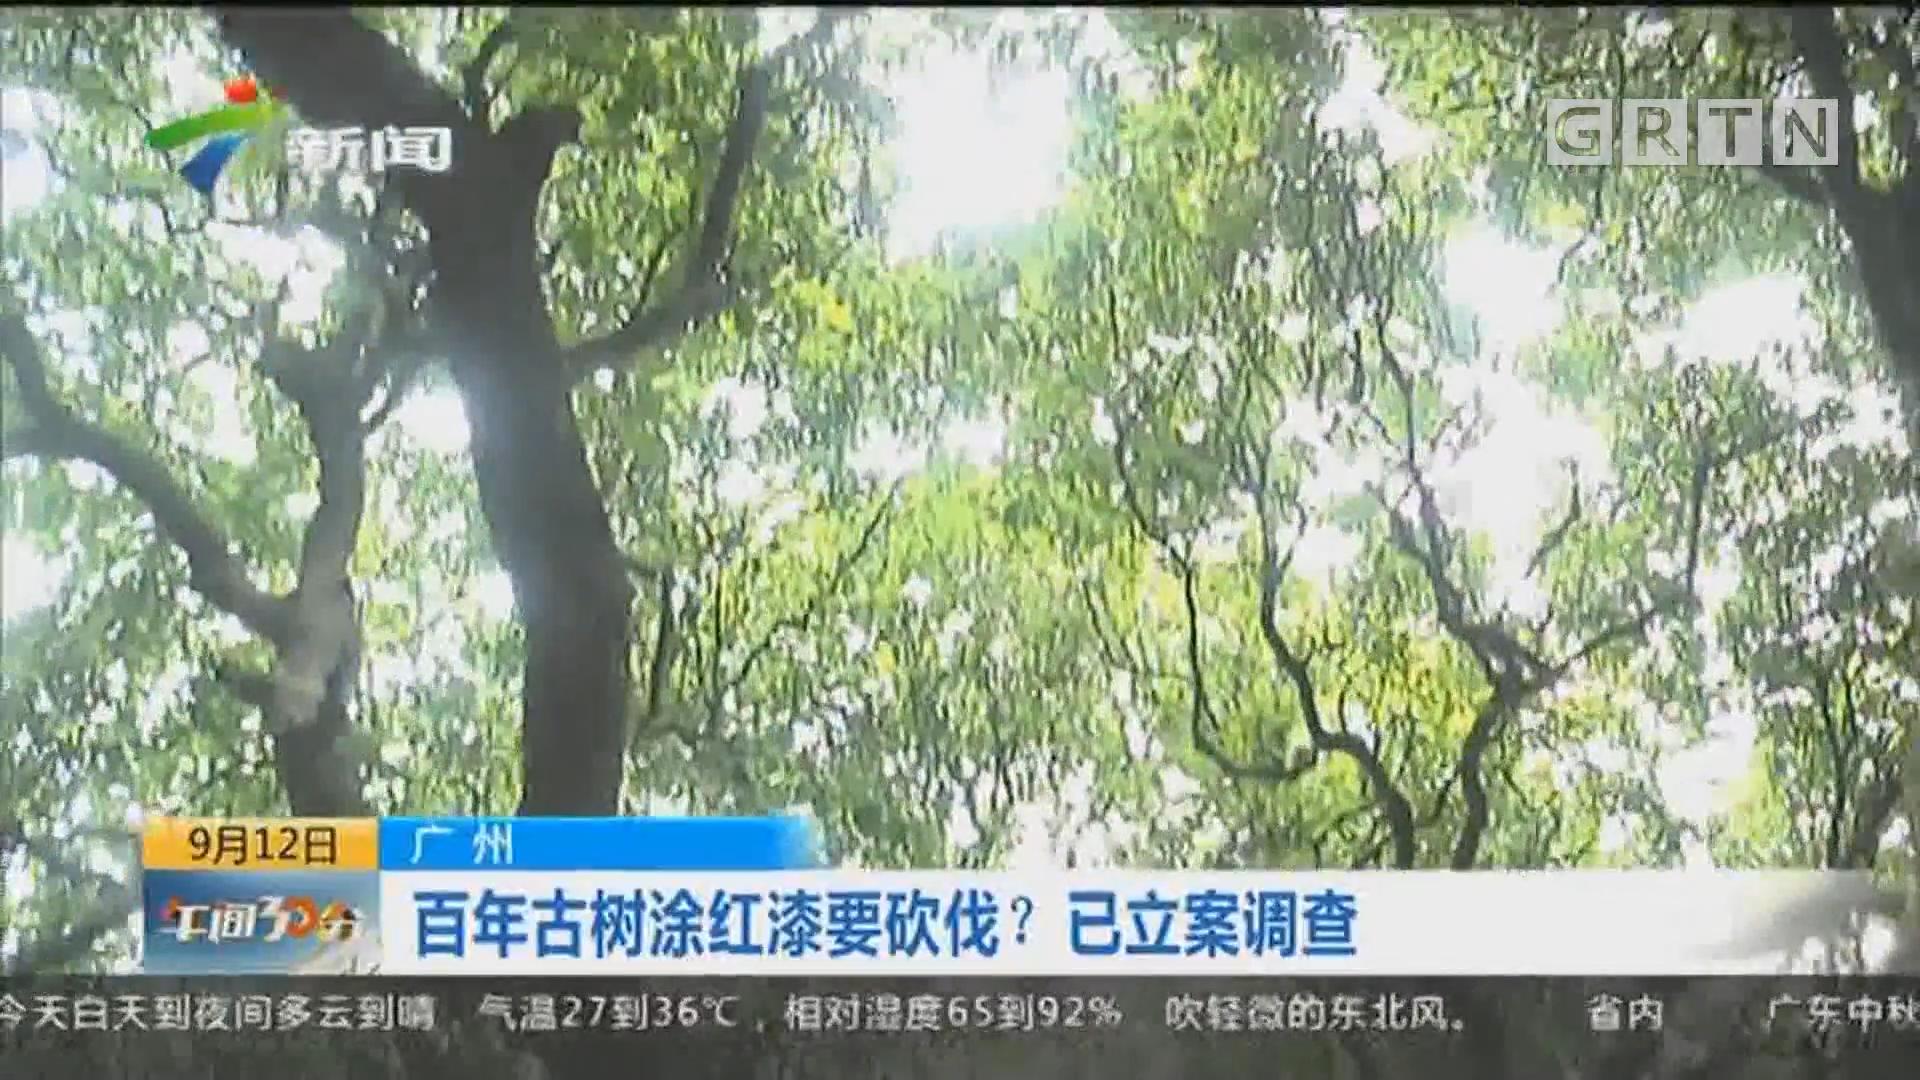 广州:百年古树涂红漆要砍伐?已立案调查